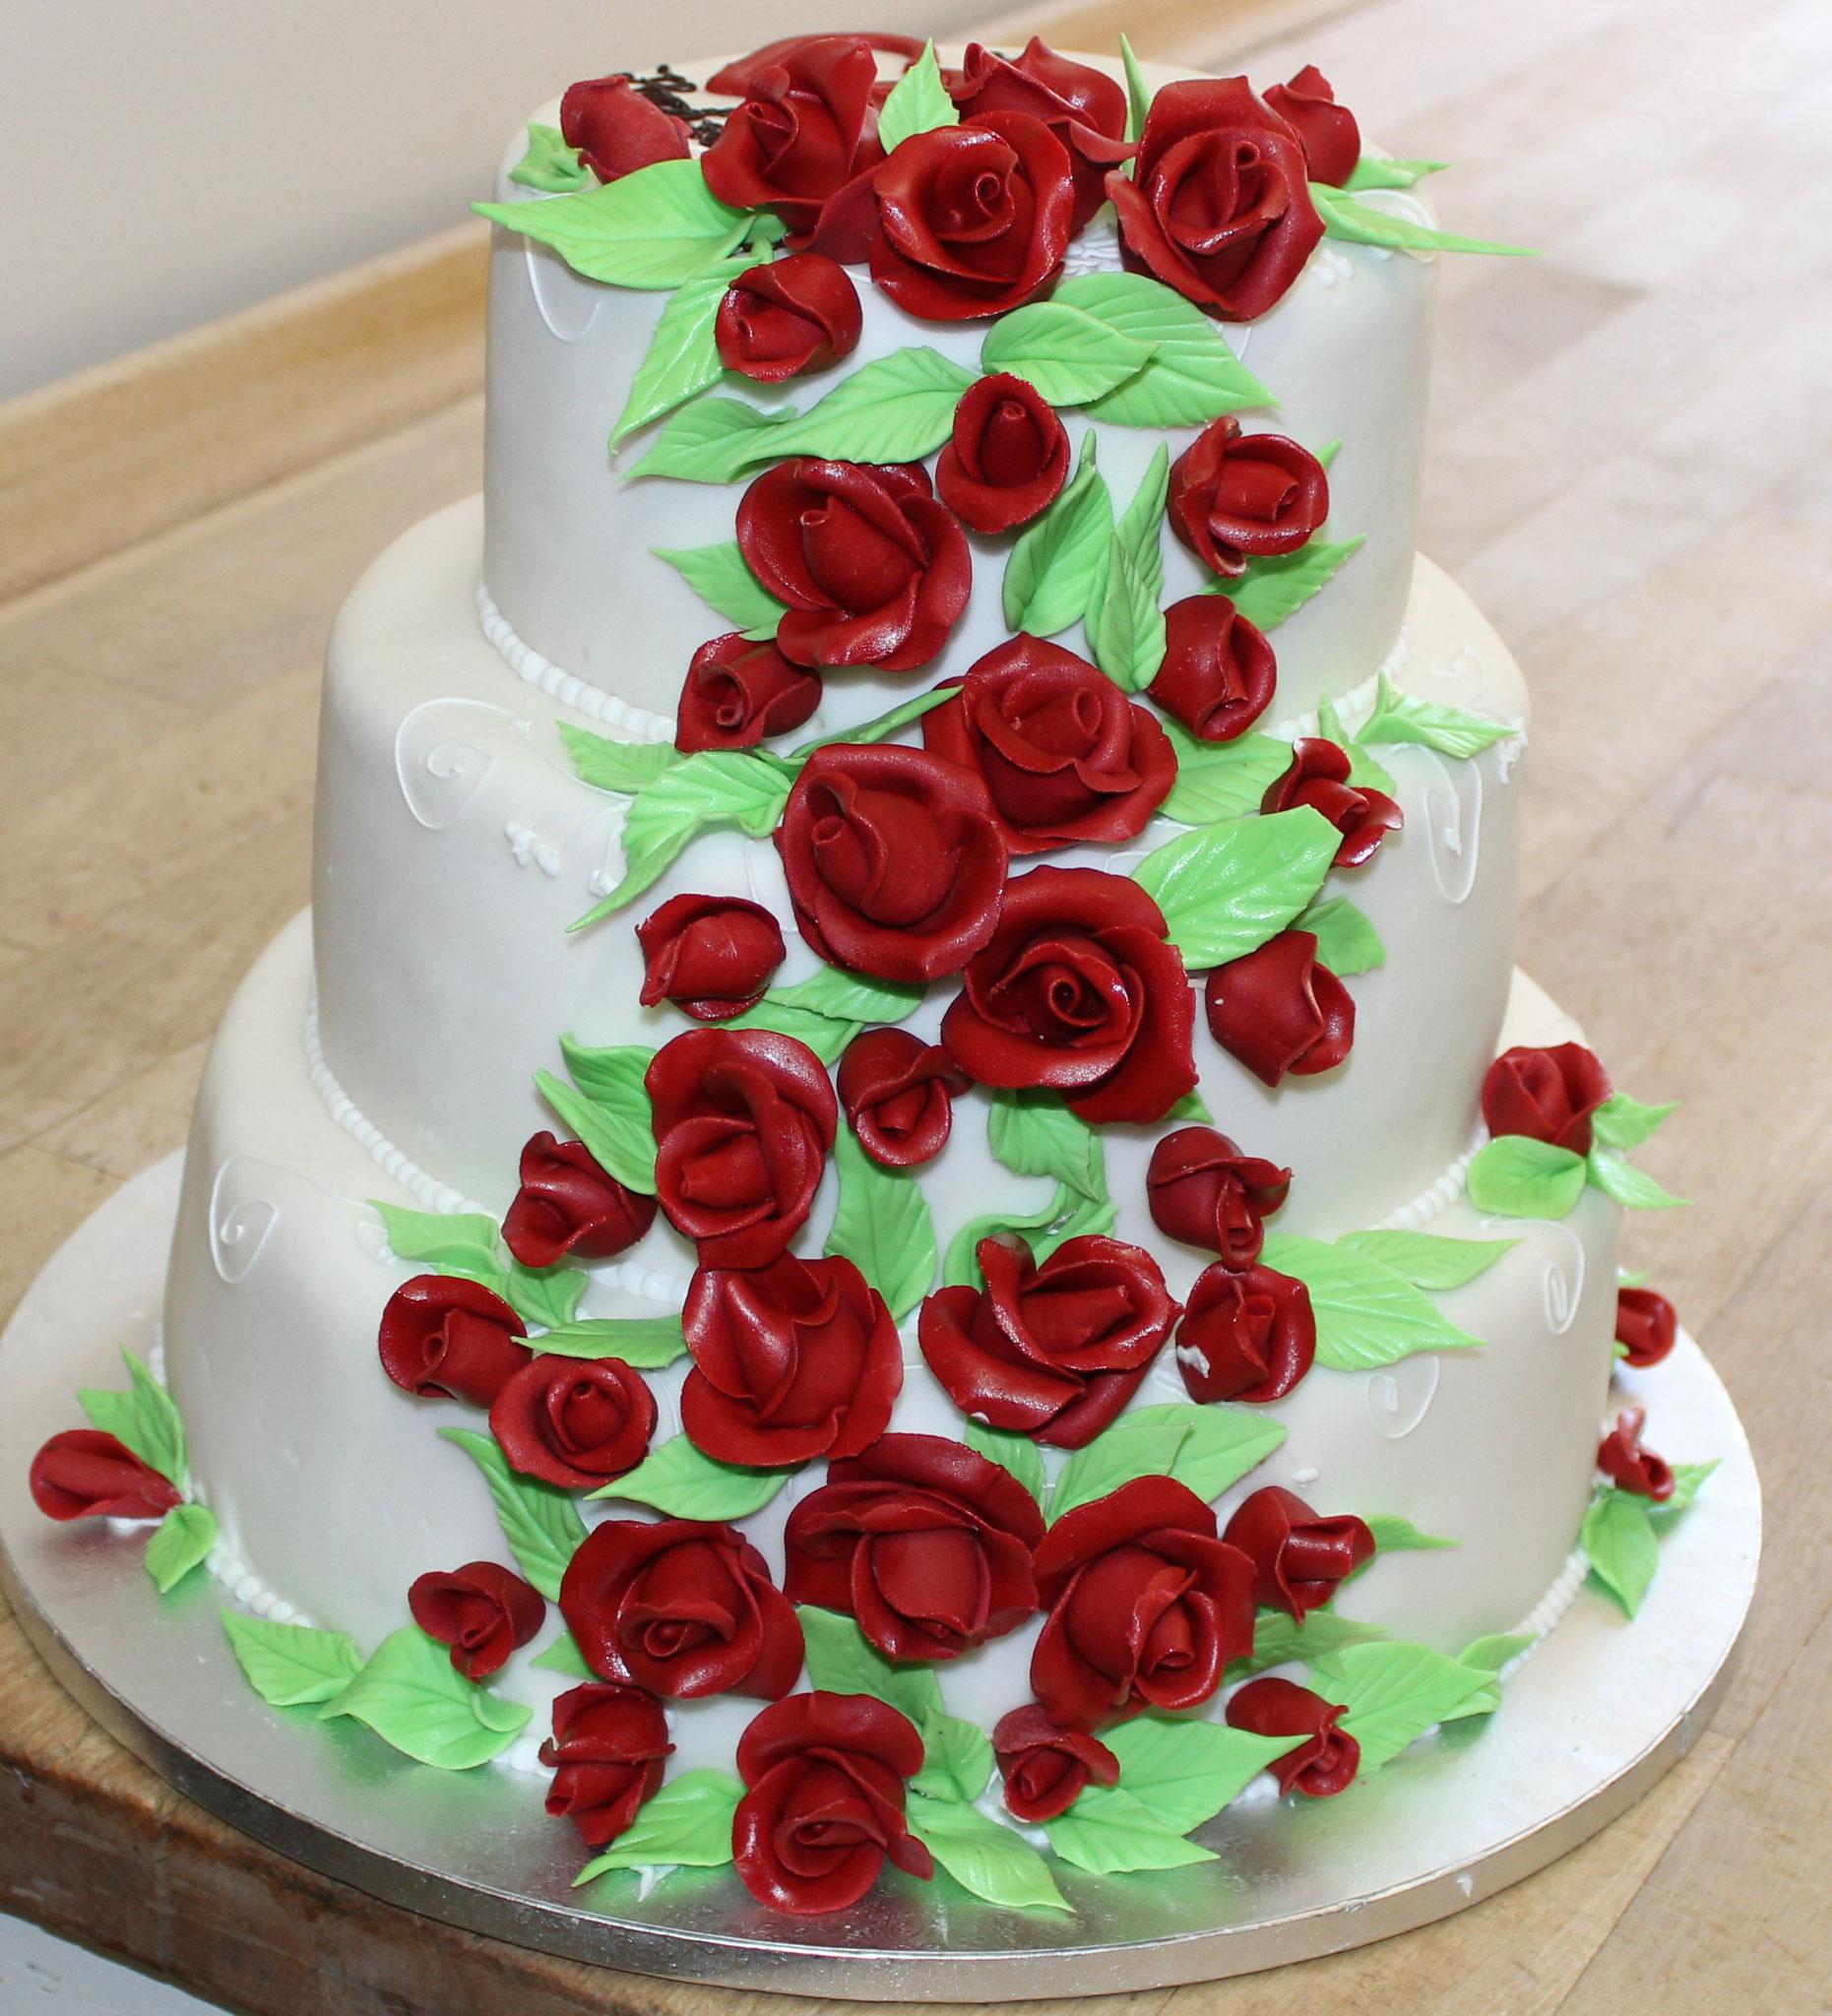 Hochzeitstorte mit vielen roten Rosen